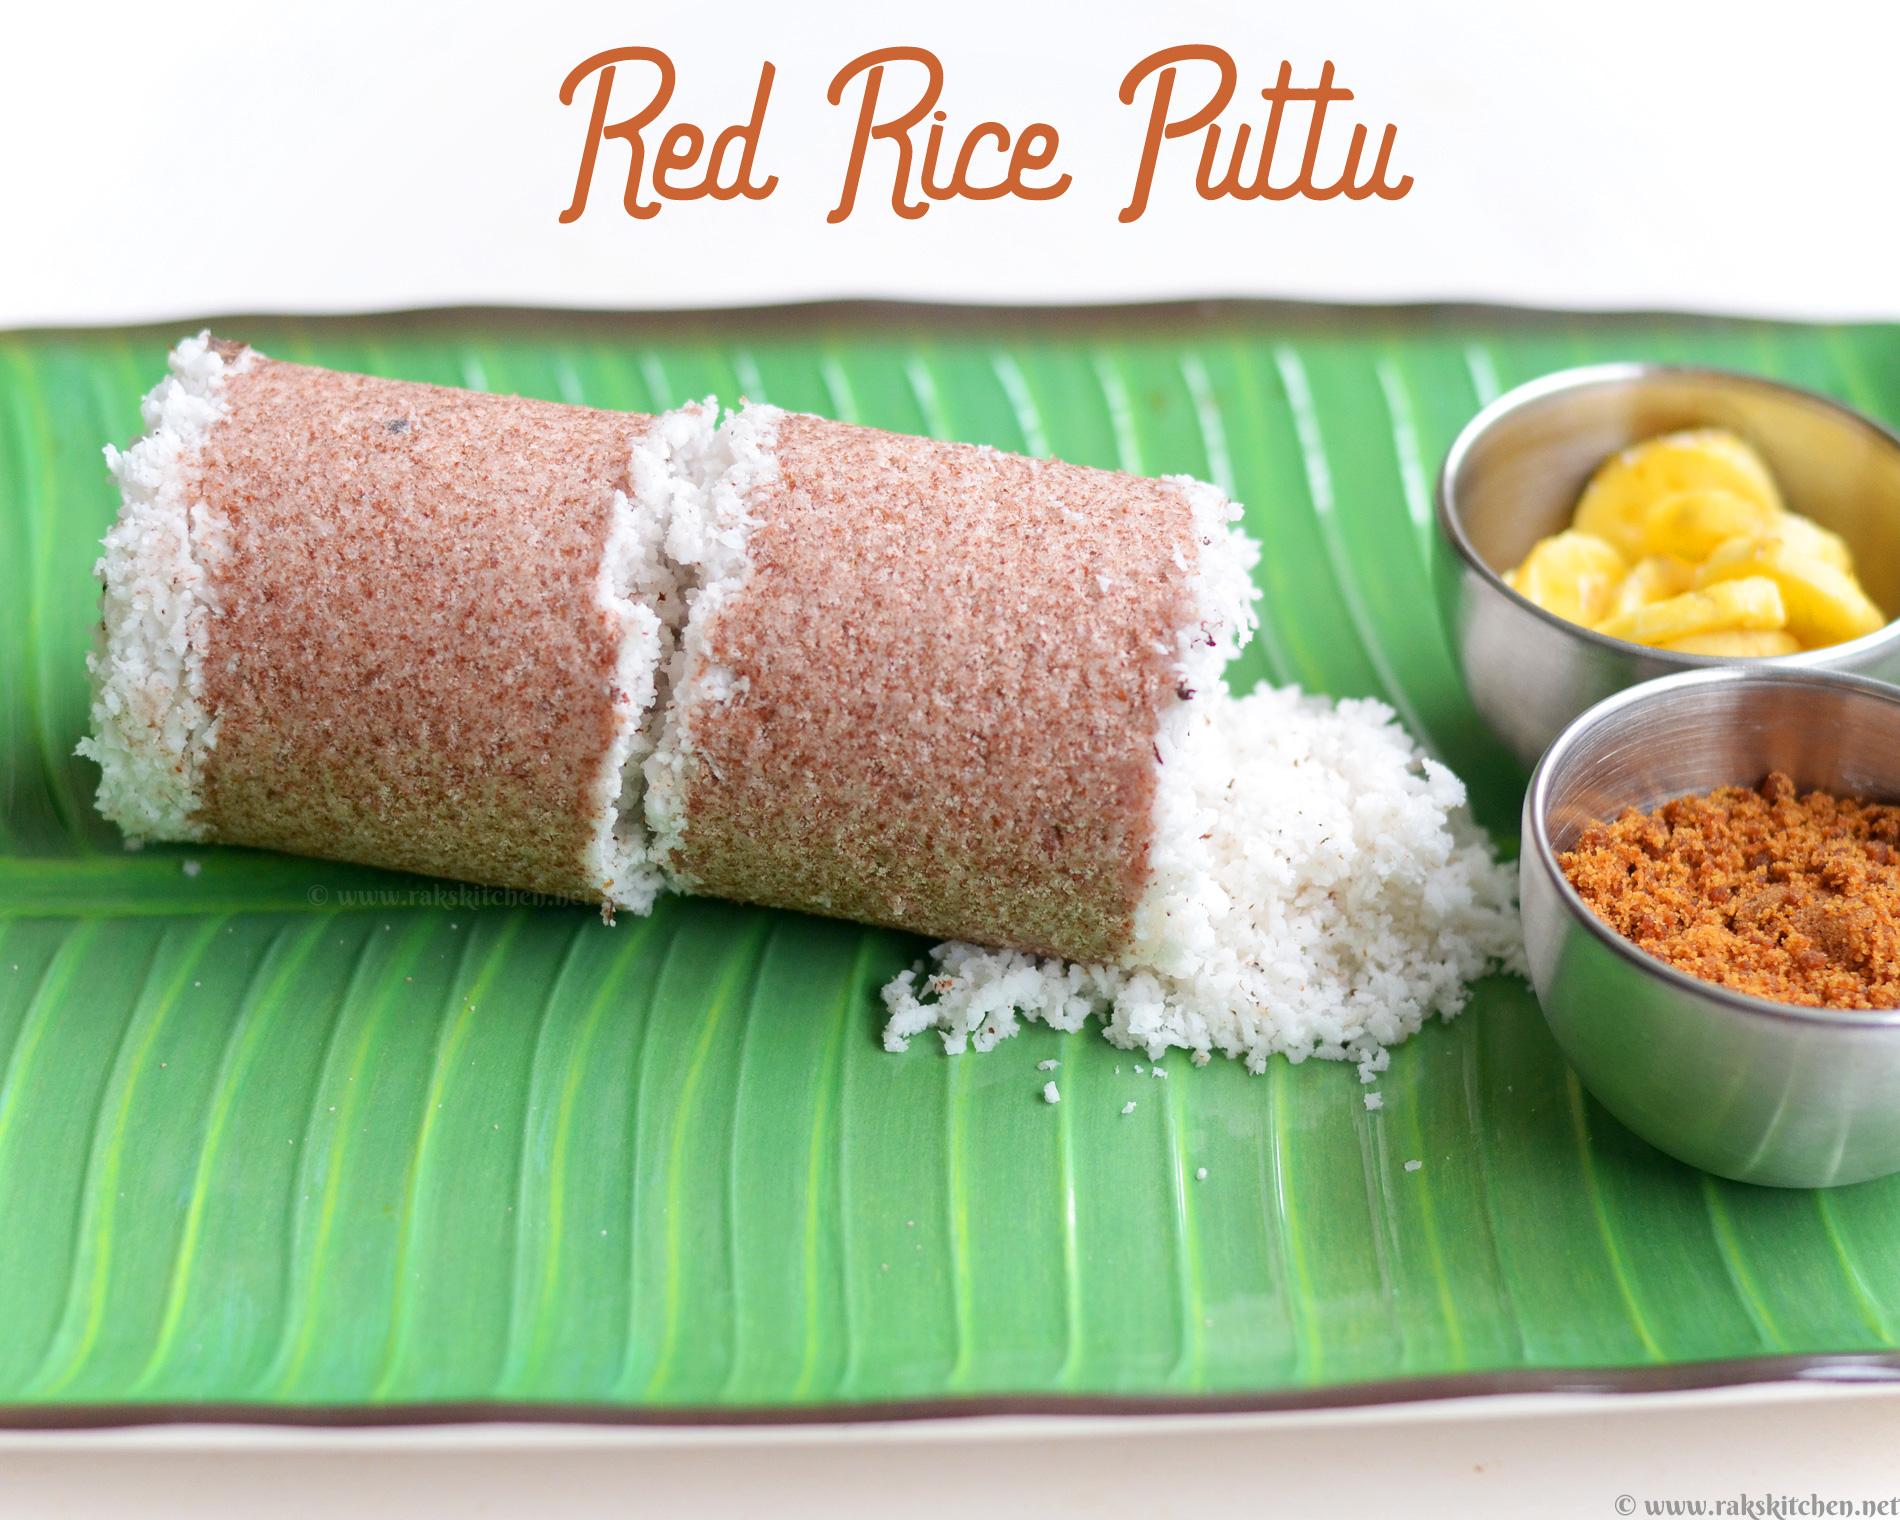 Red rice puttu recipe, puttu from scratch